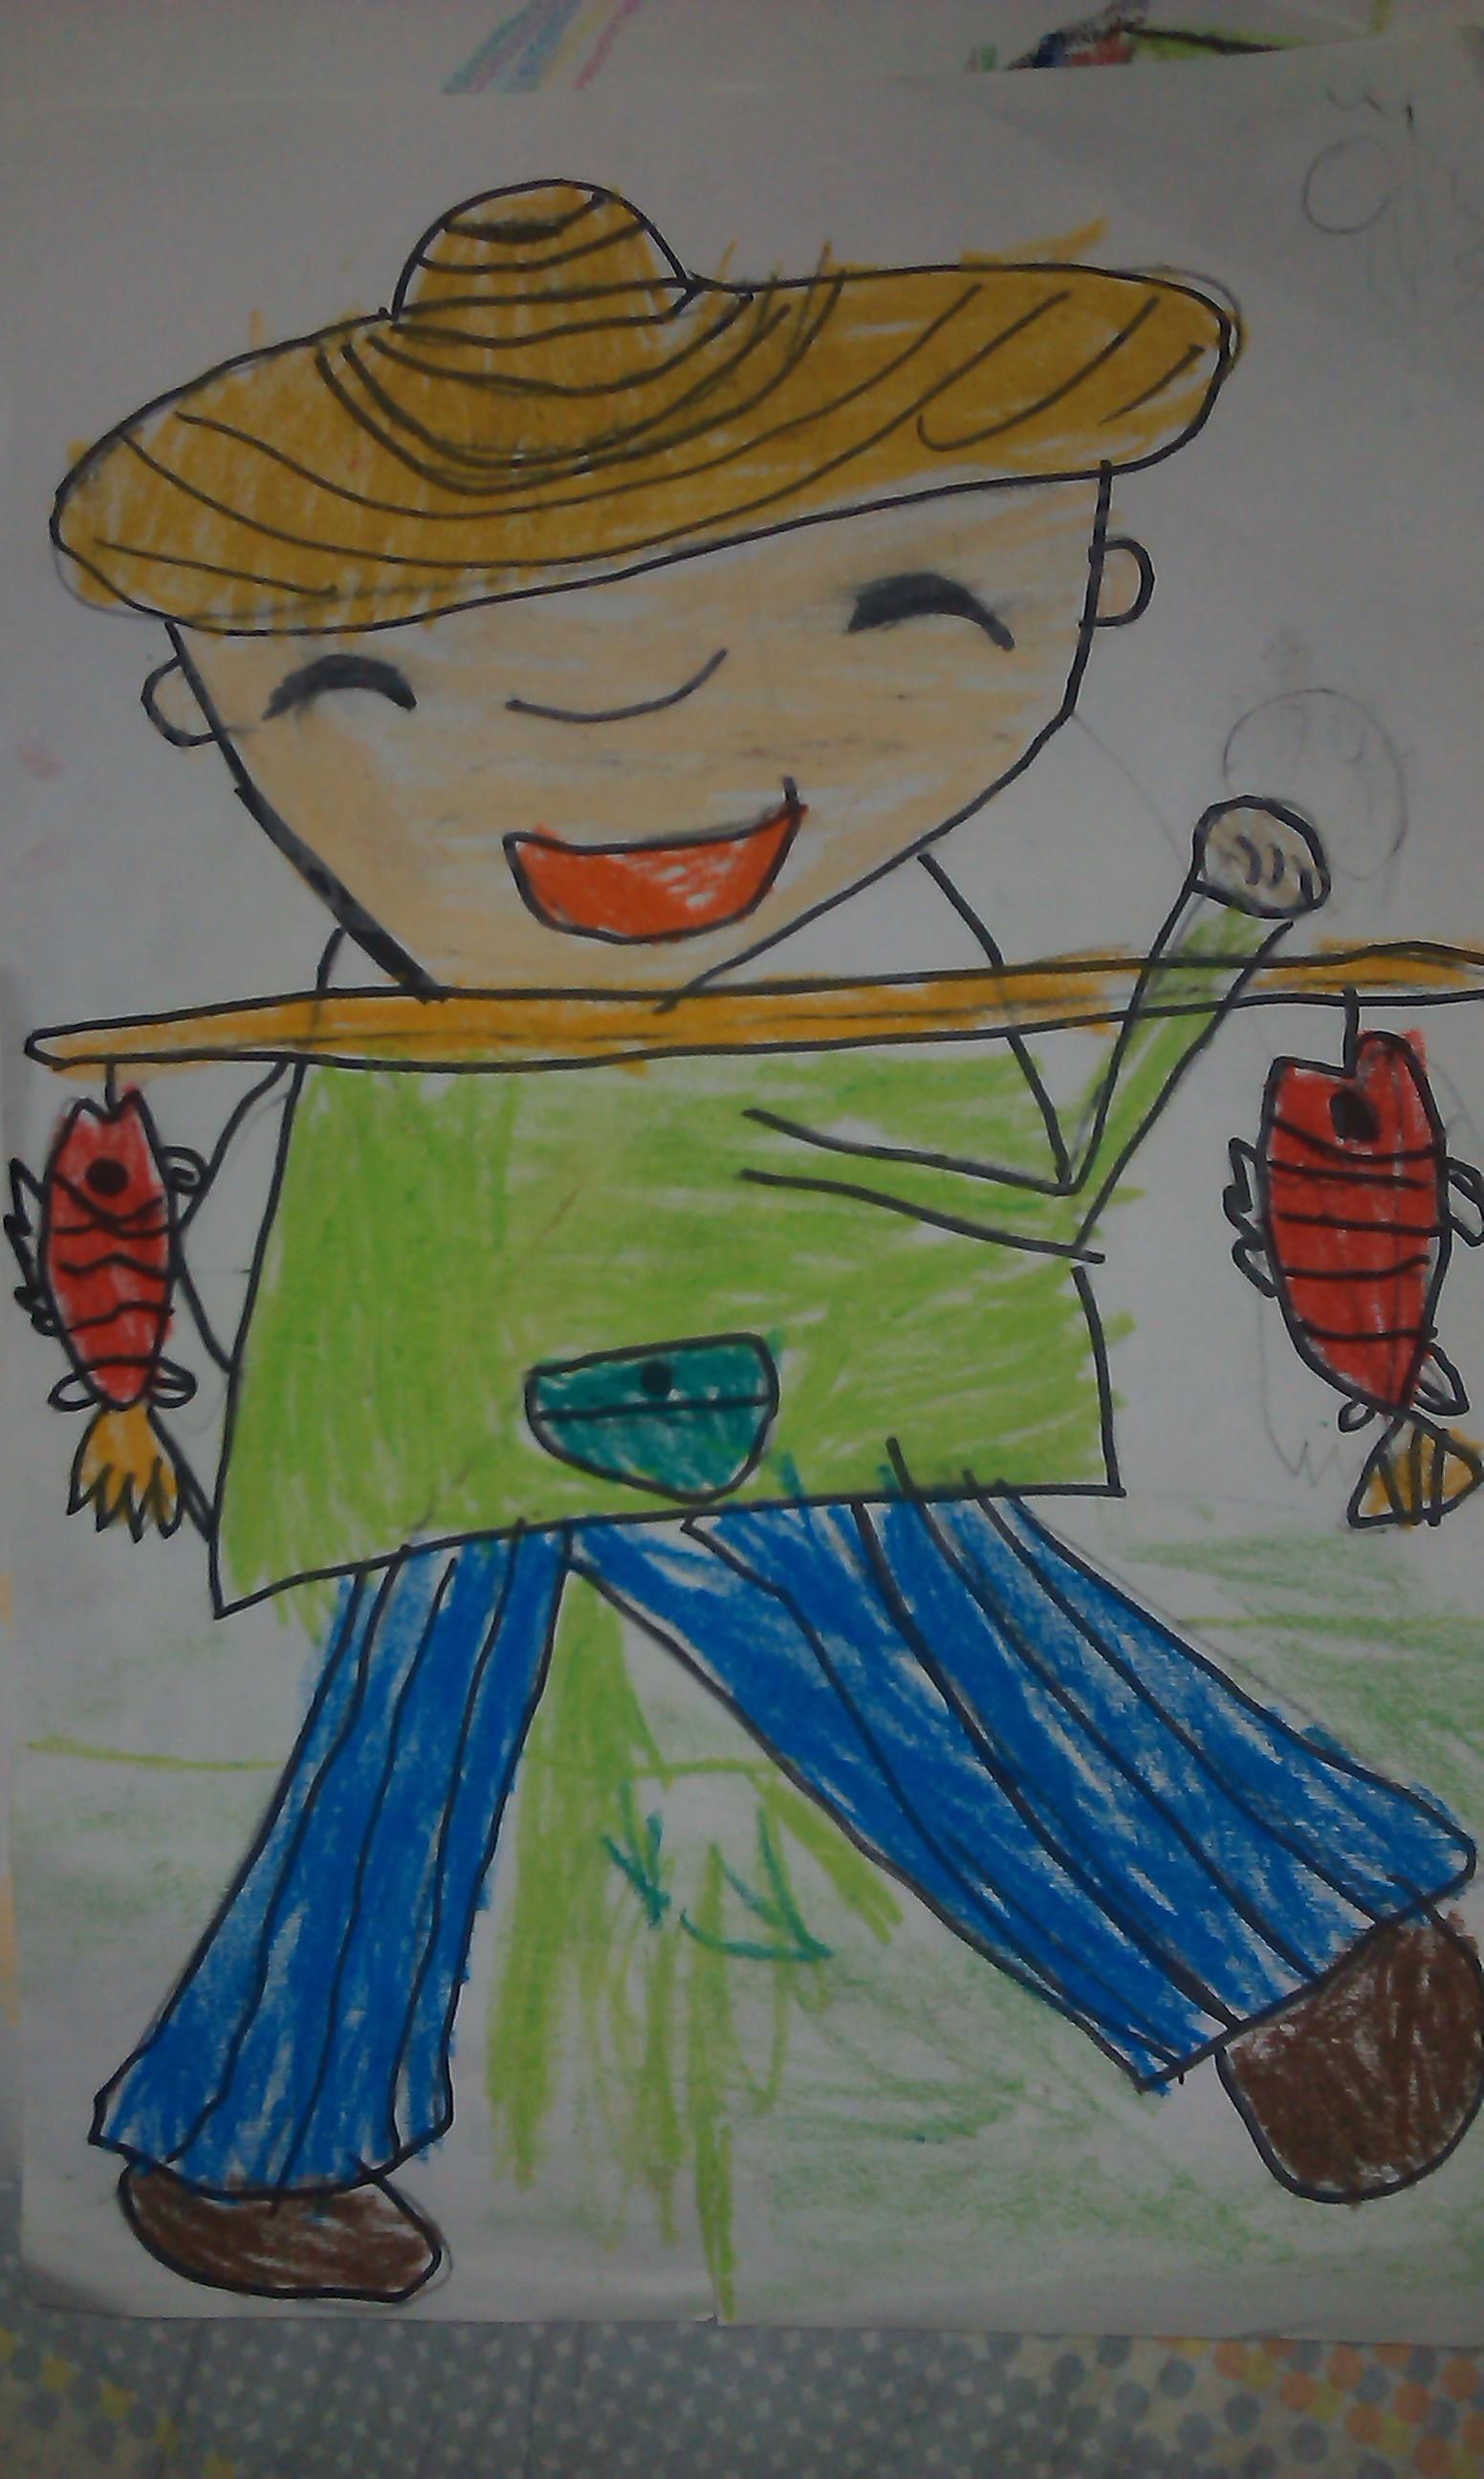 鱼-蜡笔画图集13